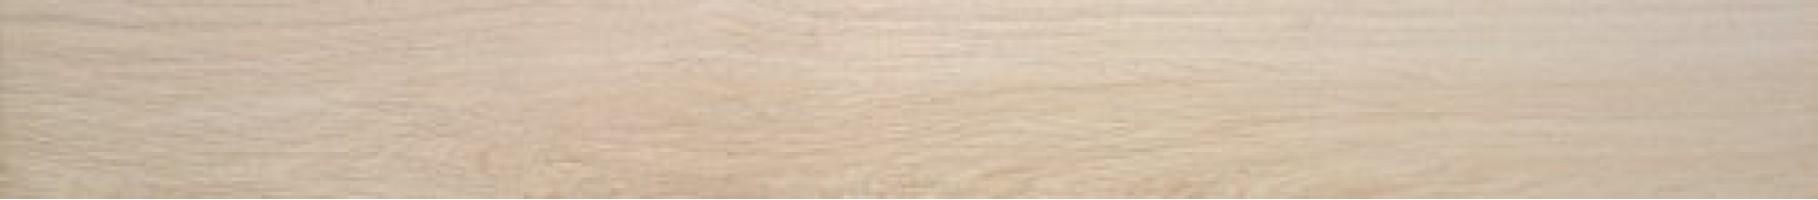 Специальный элемент Ape Ceramica Tabica Fiorentino Oregon Haya 15x120 A027481